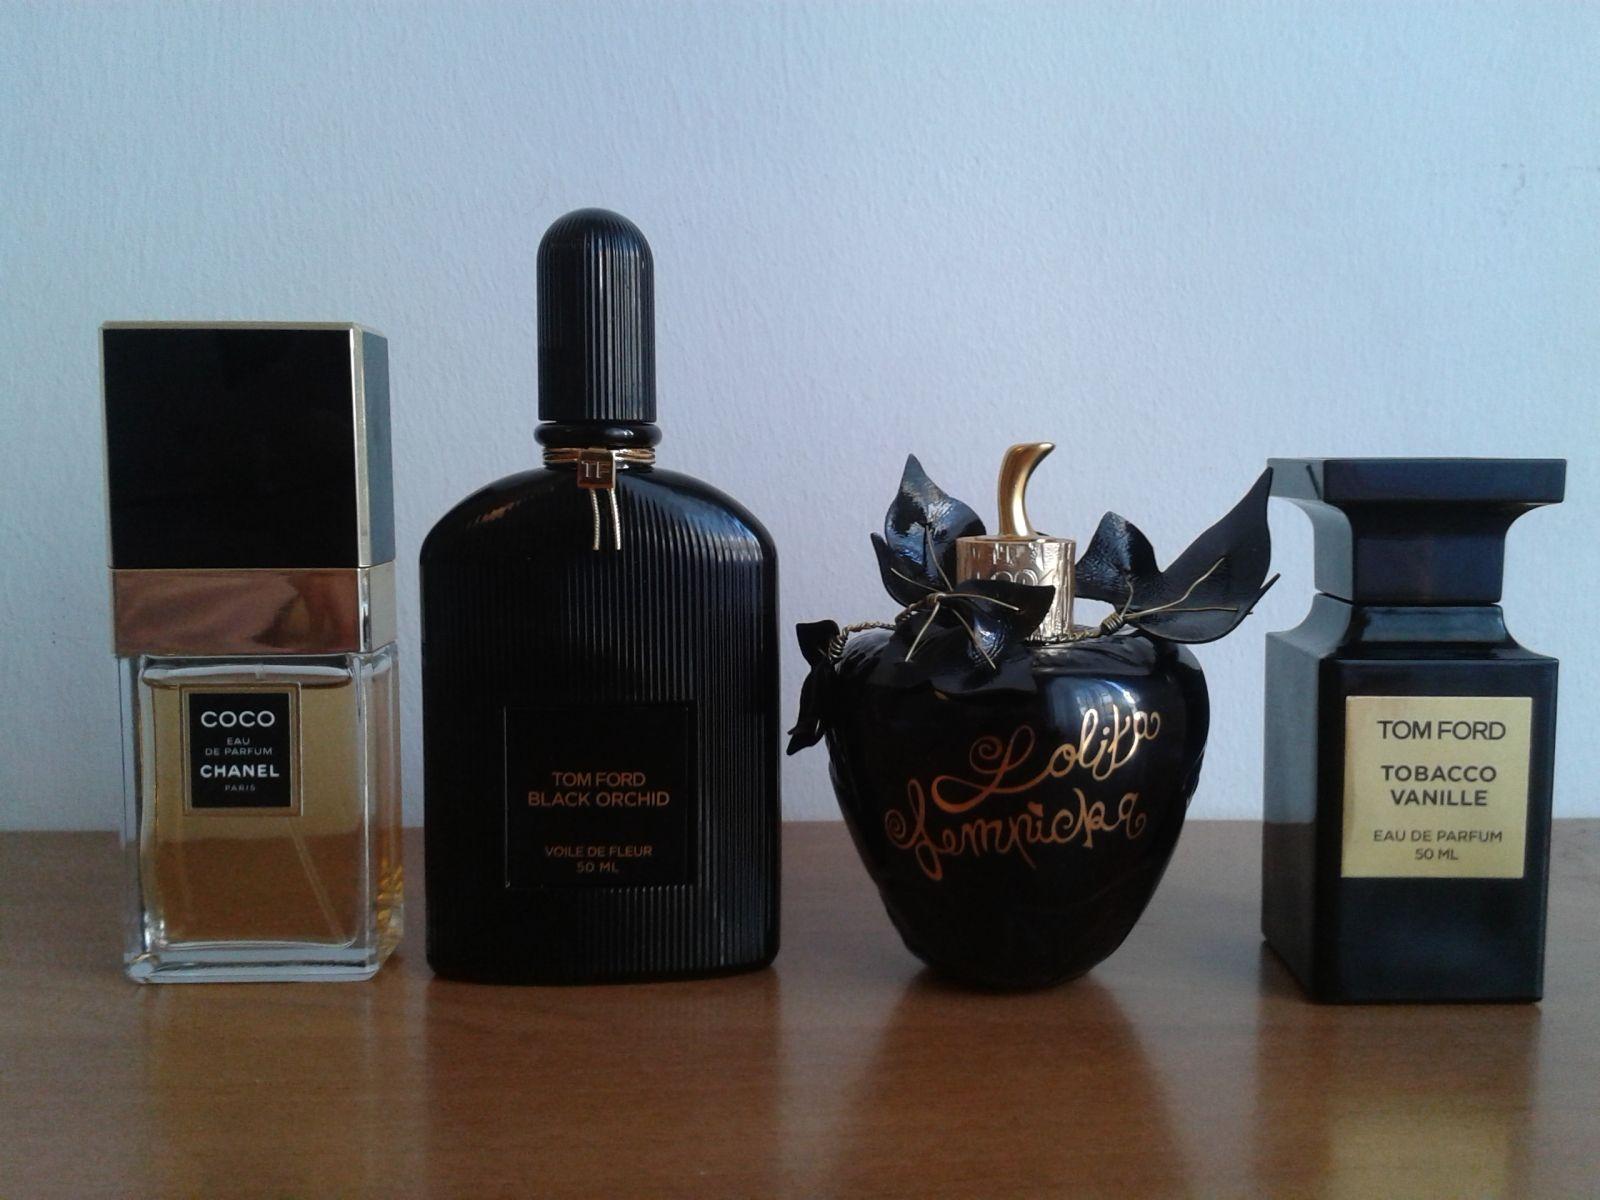 ffbc9cdcb9f44 Coco Chanel  TF Black Orchid   Lolita Lempicka   TF Tobacco Vanille ...